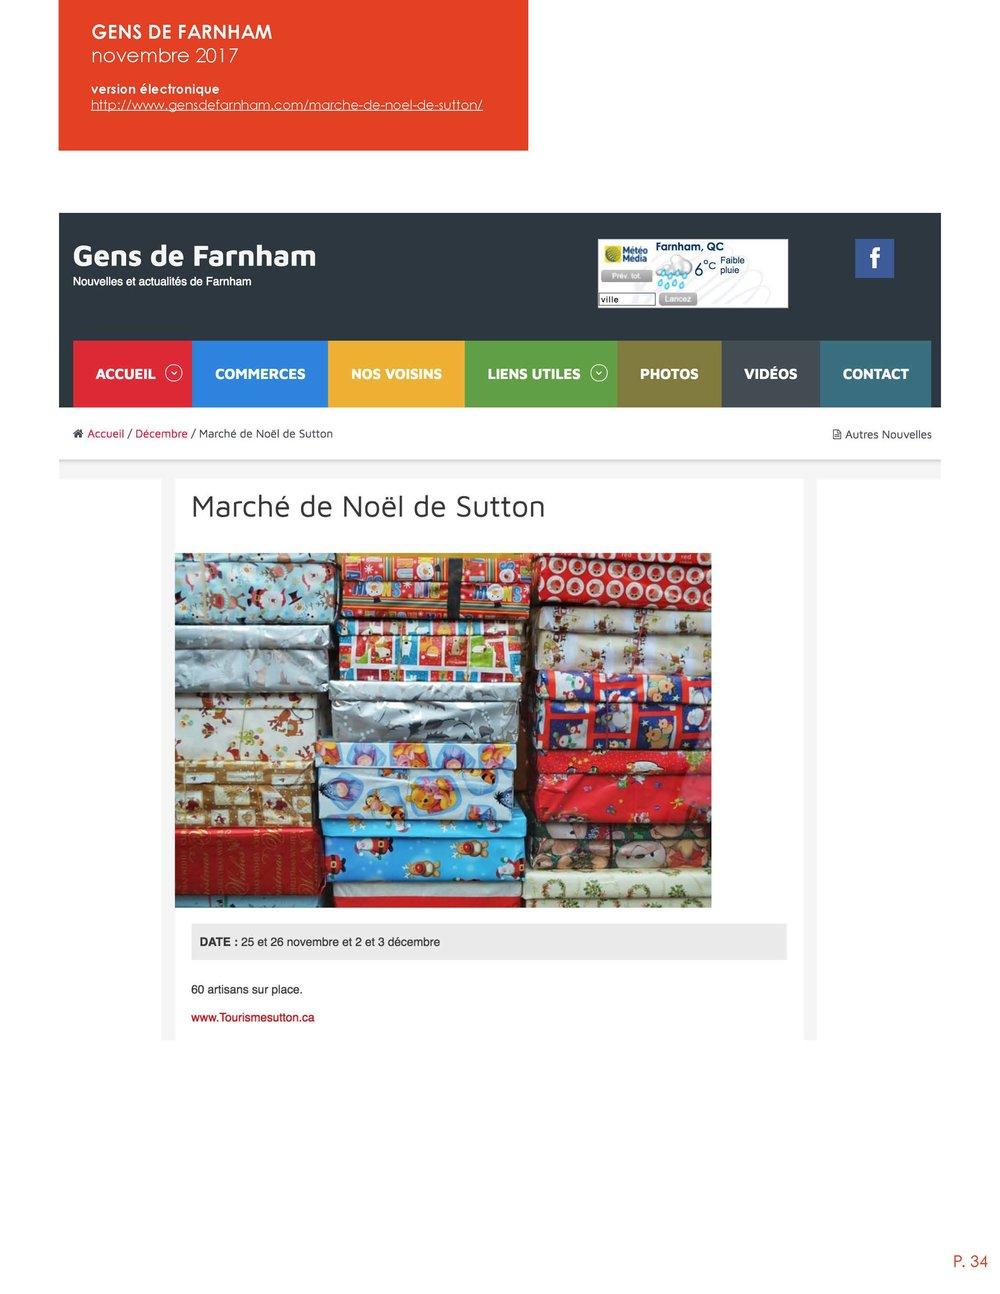 Revue de presse - MARCHÉ DE NOËL SUTTON 2017_Page_34.jpg